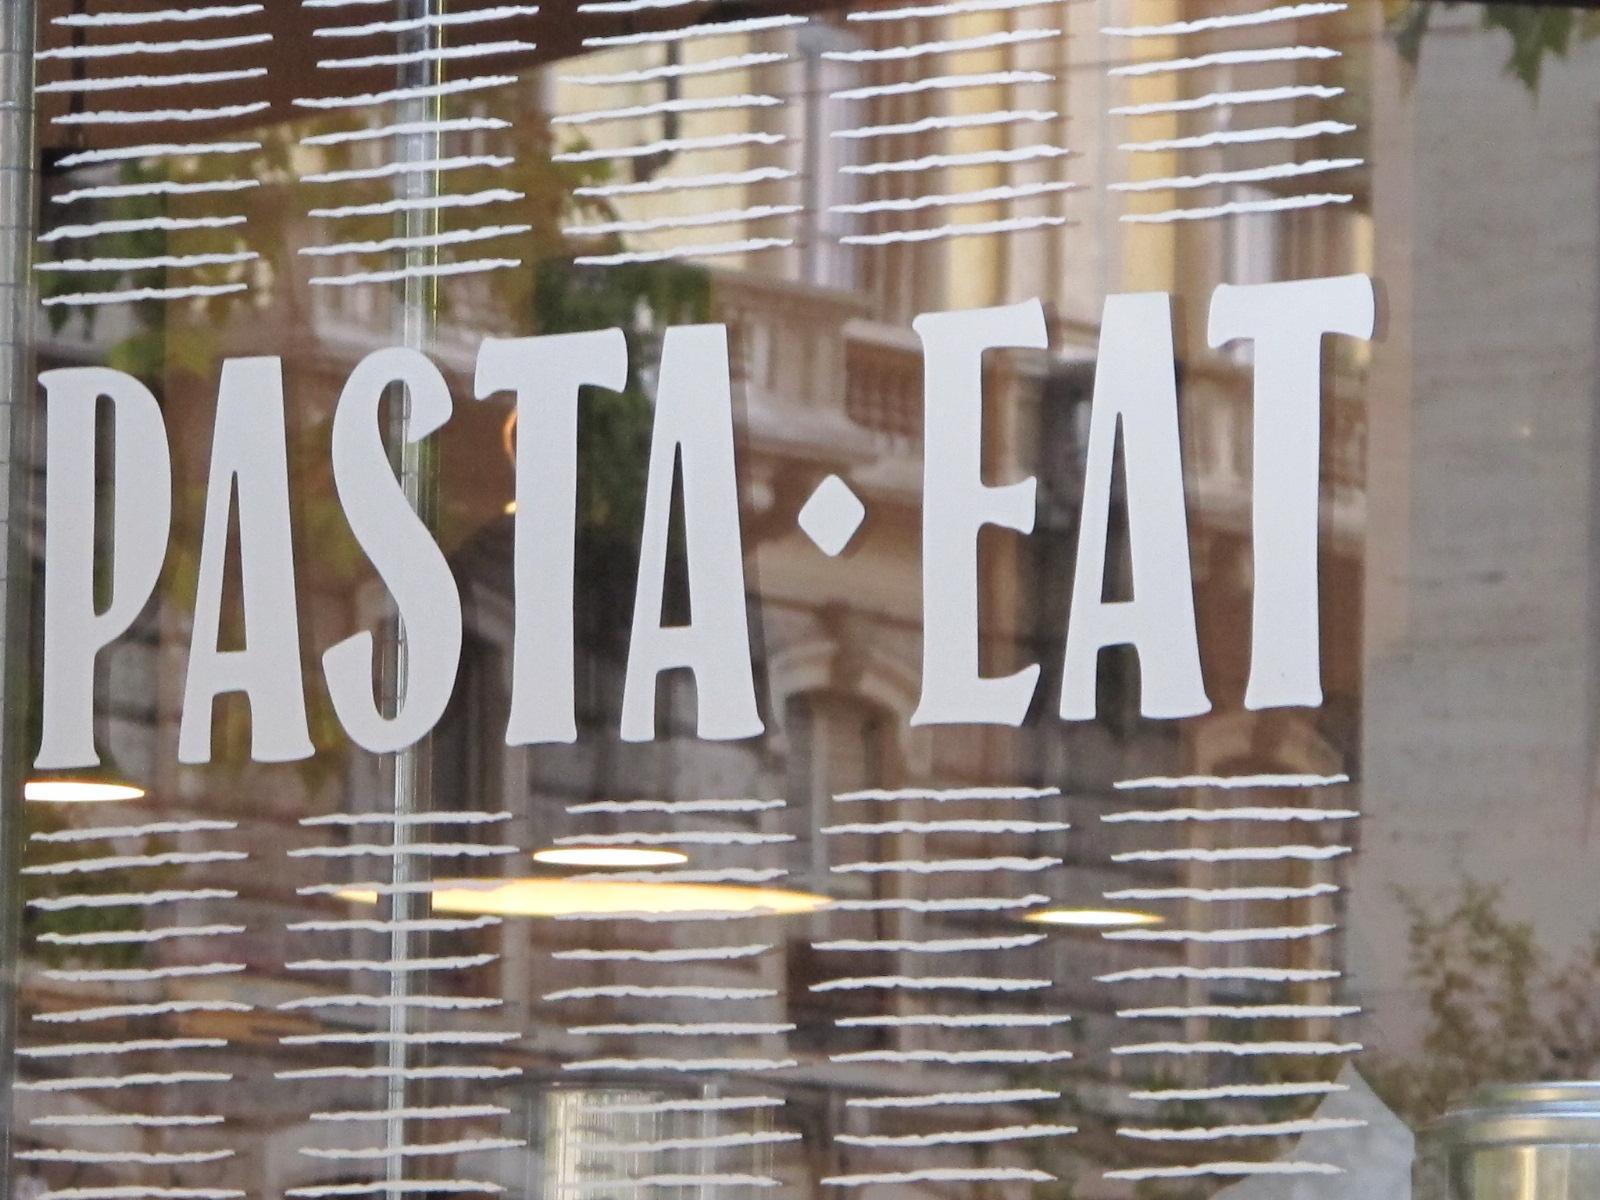 Pasta eat, oui mais des pâtes!